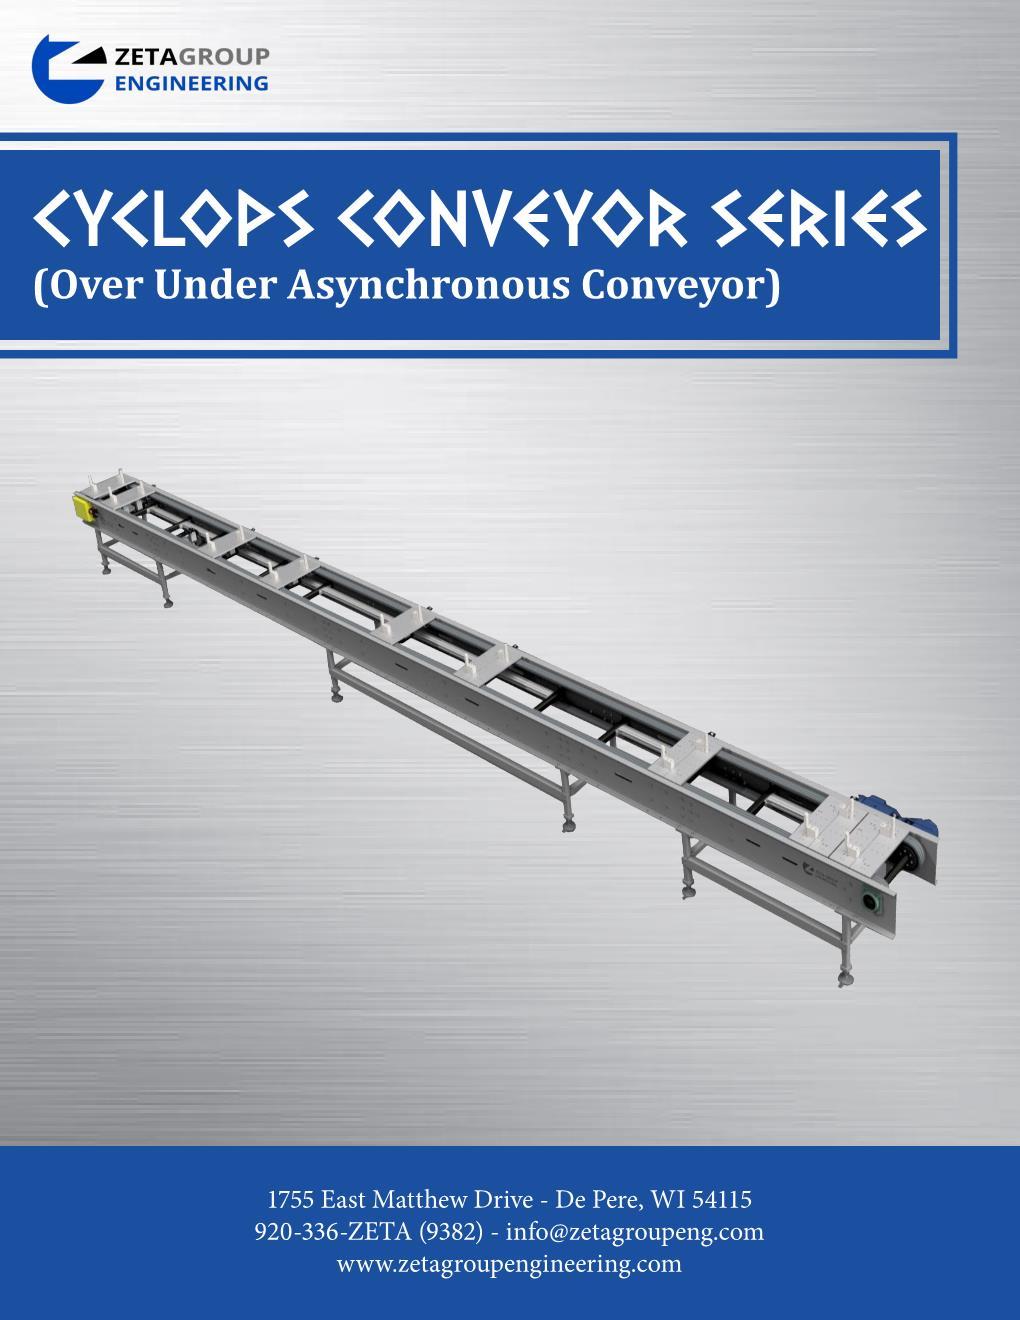 Over Under Conveyor Brochure - Cyclops Series